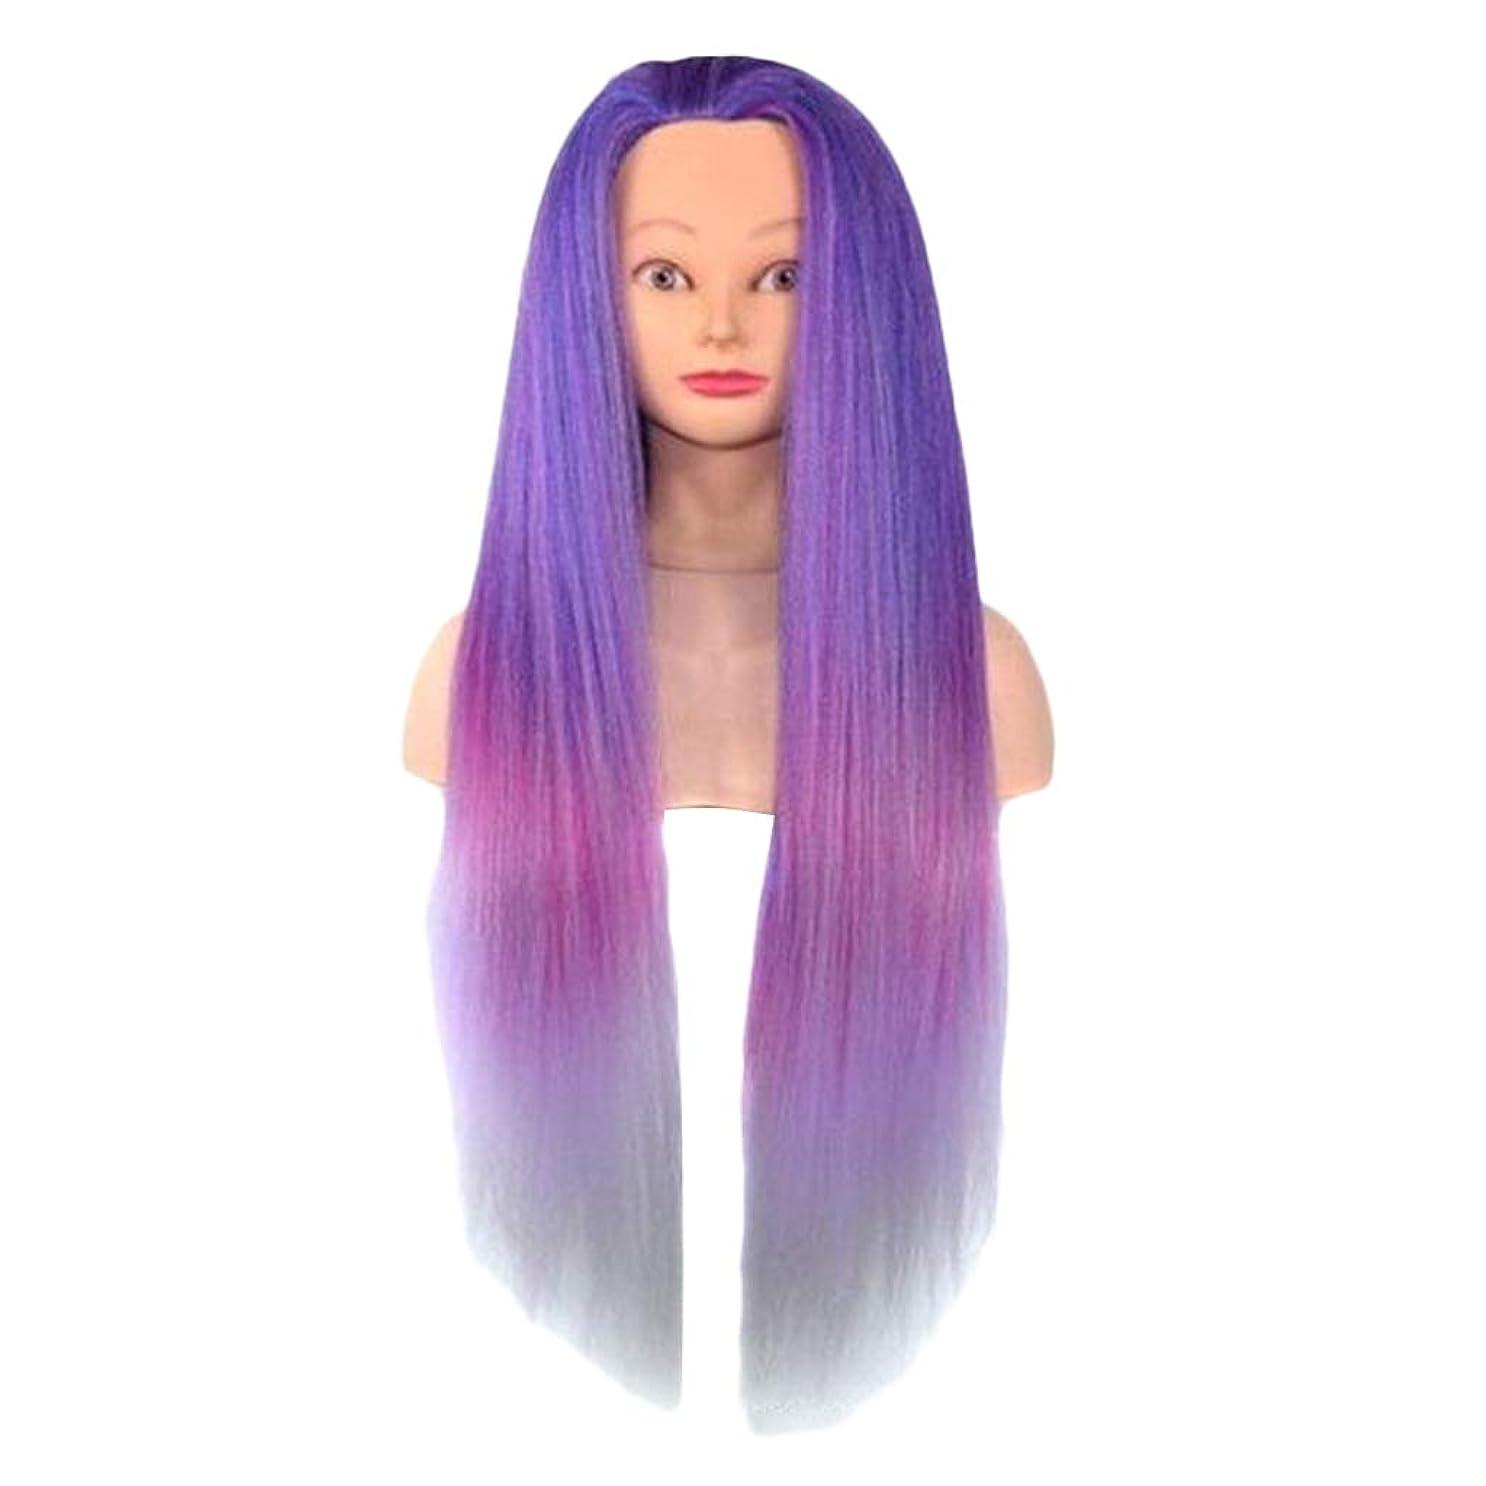 工場行為原告gazechimp ヘアスタイリングヘッド 理髪マネキンヘッド 人形ヘッド 全8選択 - 01